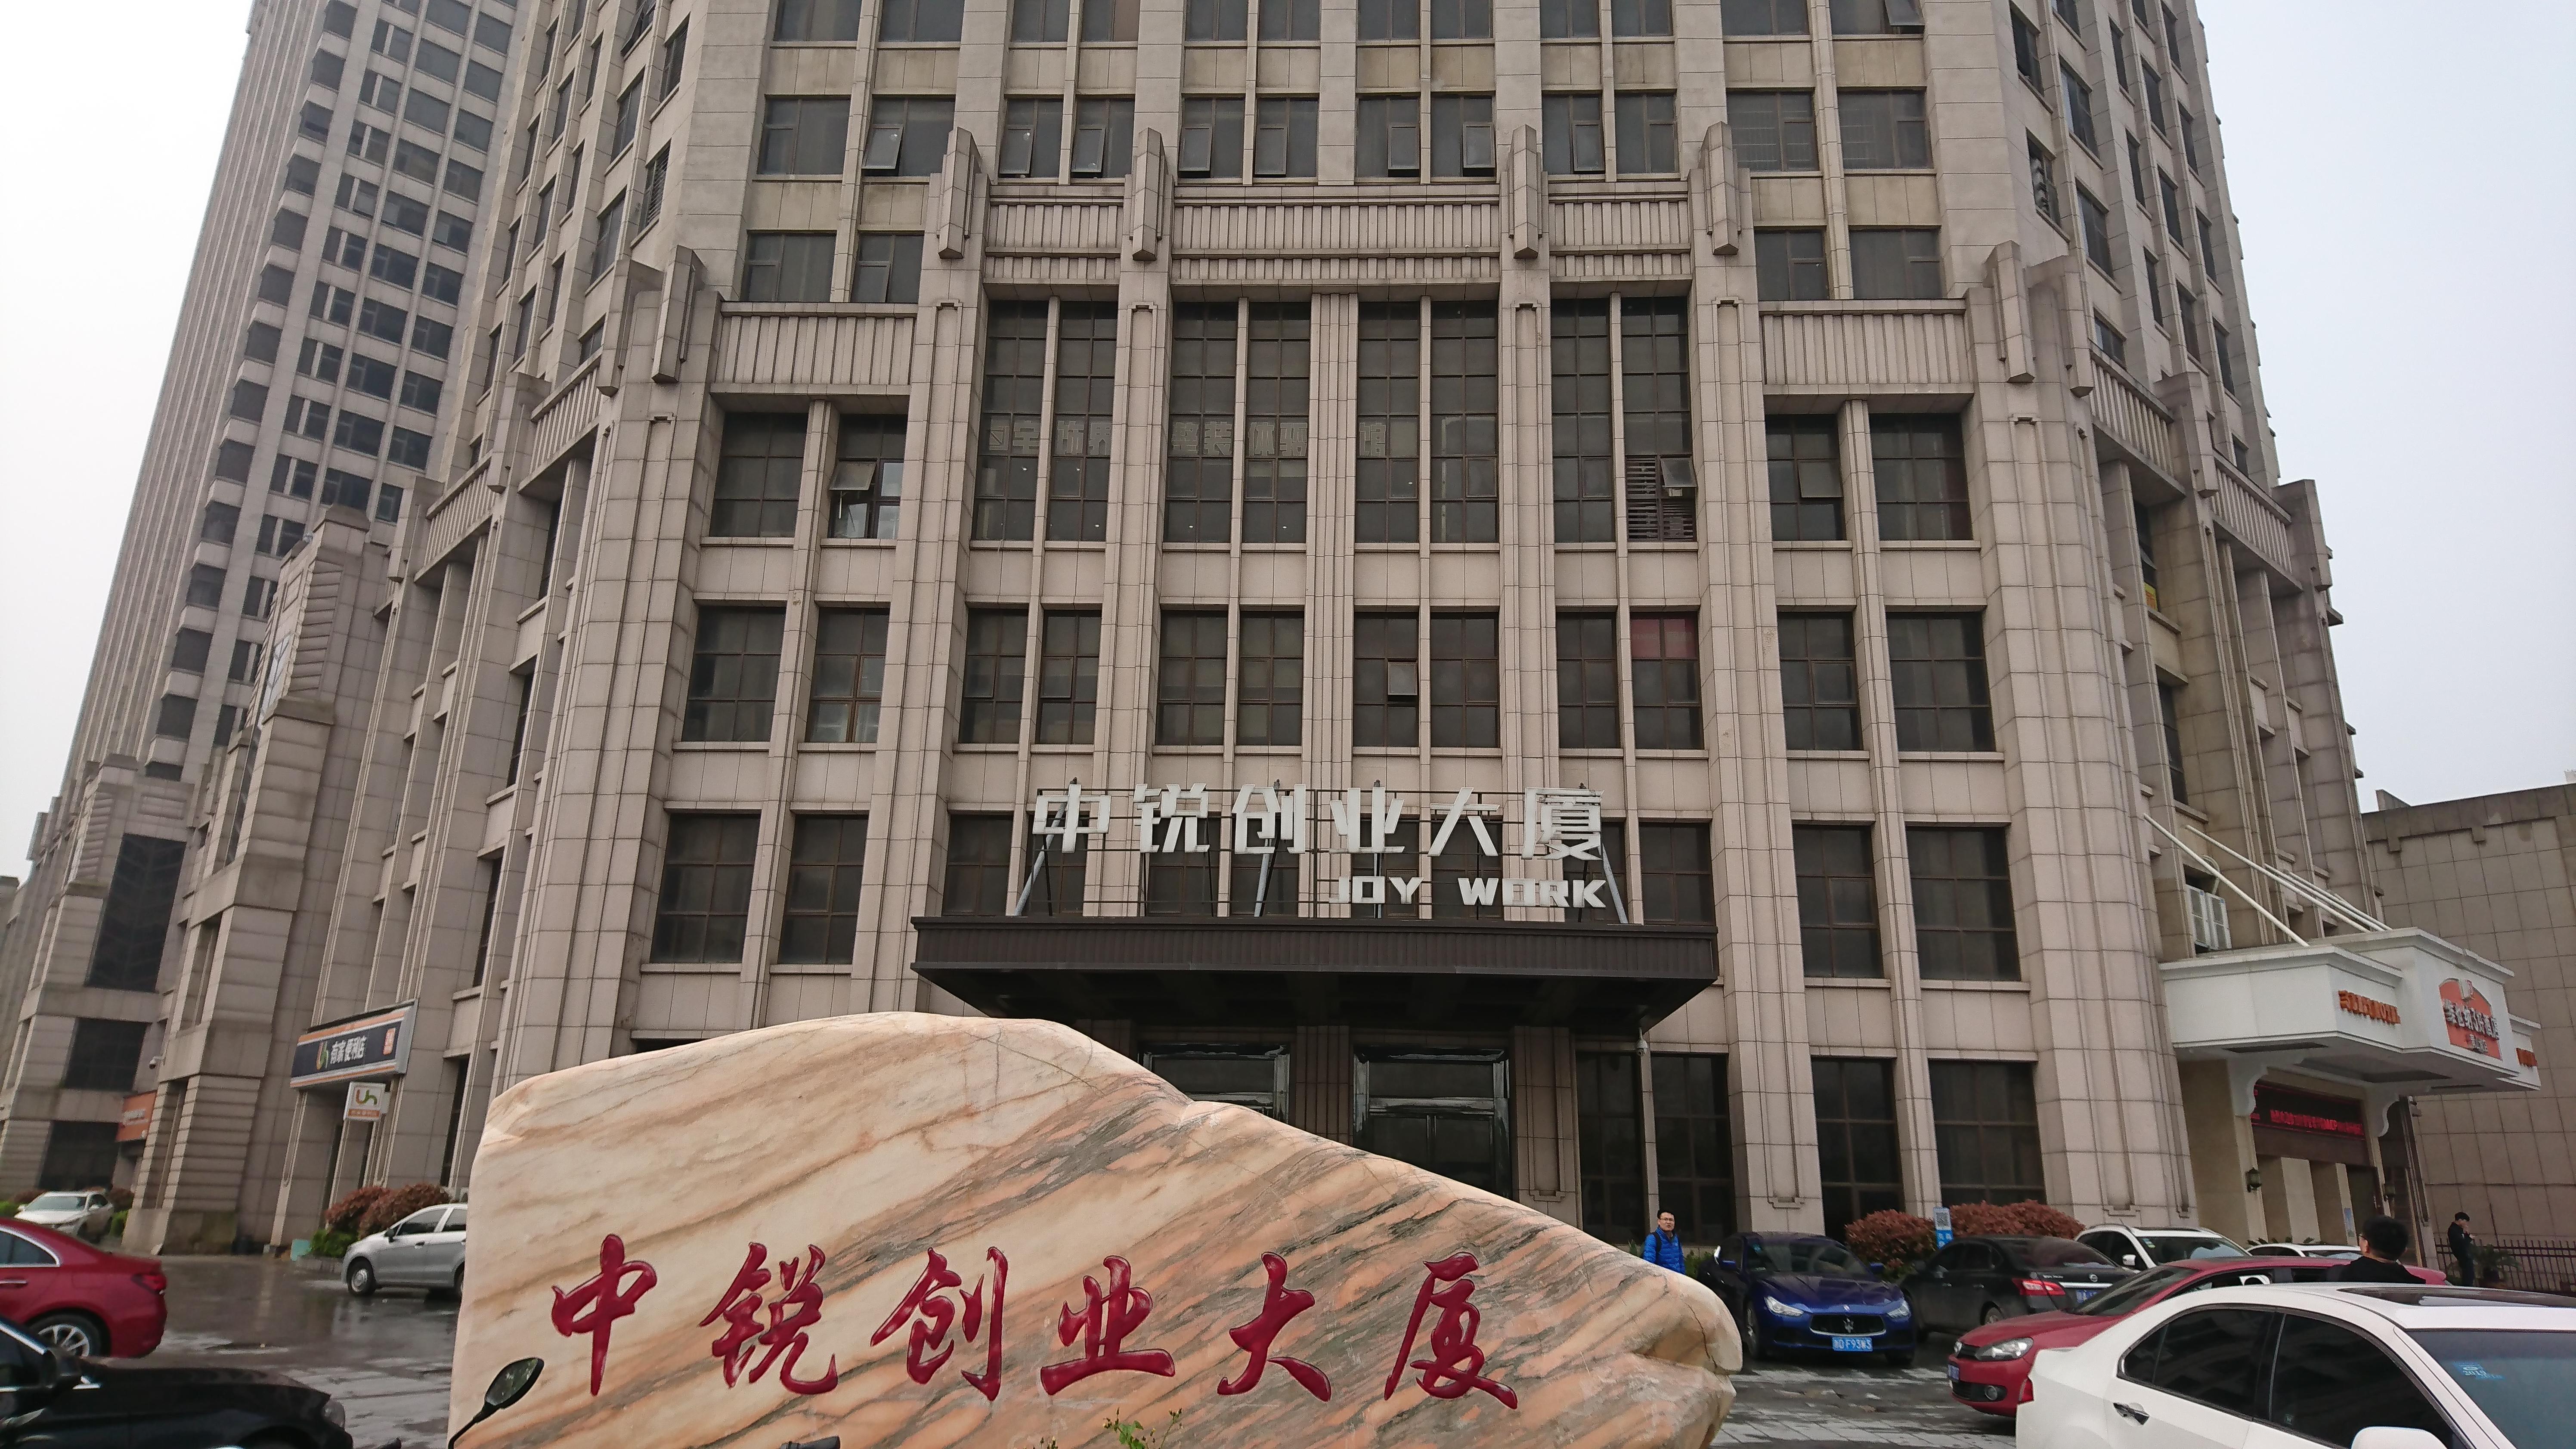 iS-RPA 技术认证培训 - 南昌 20190328 班 - 培训完成